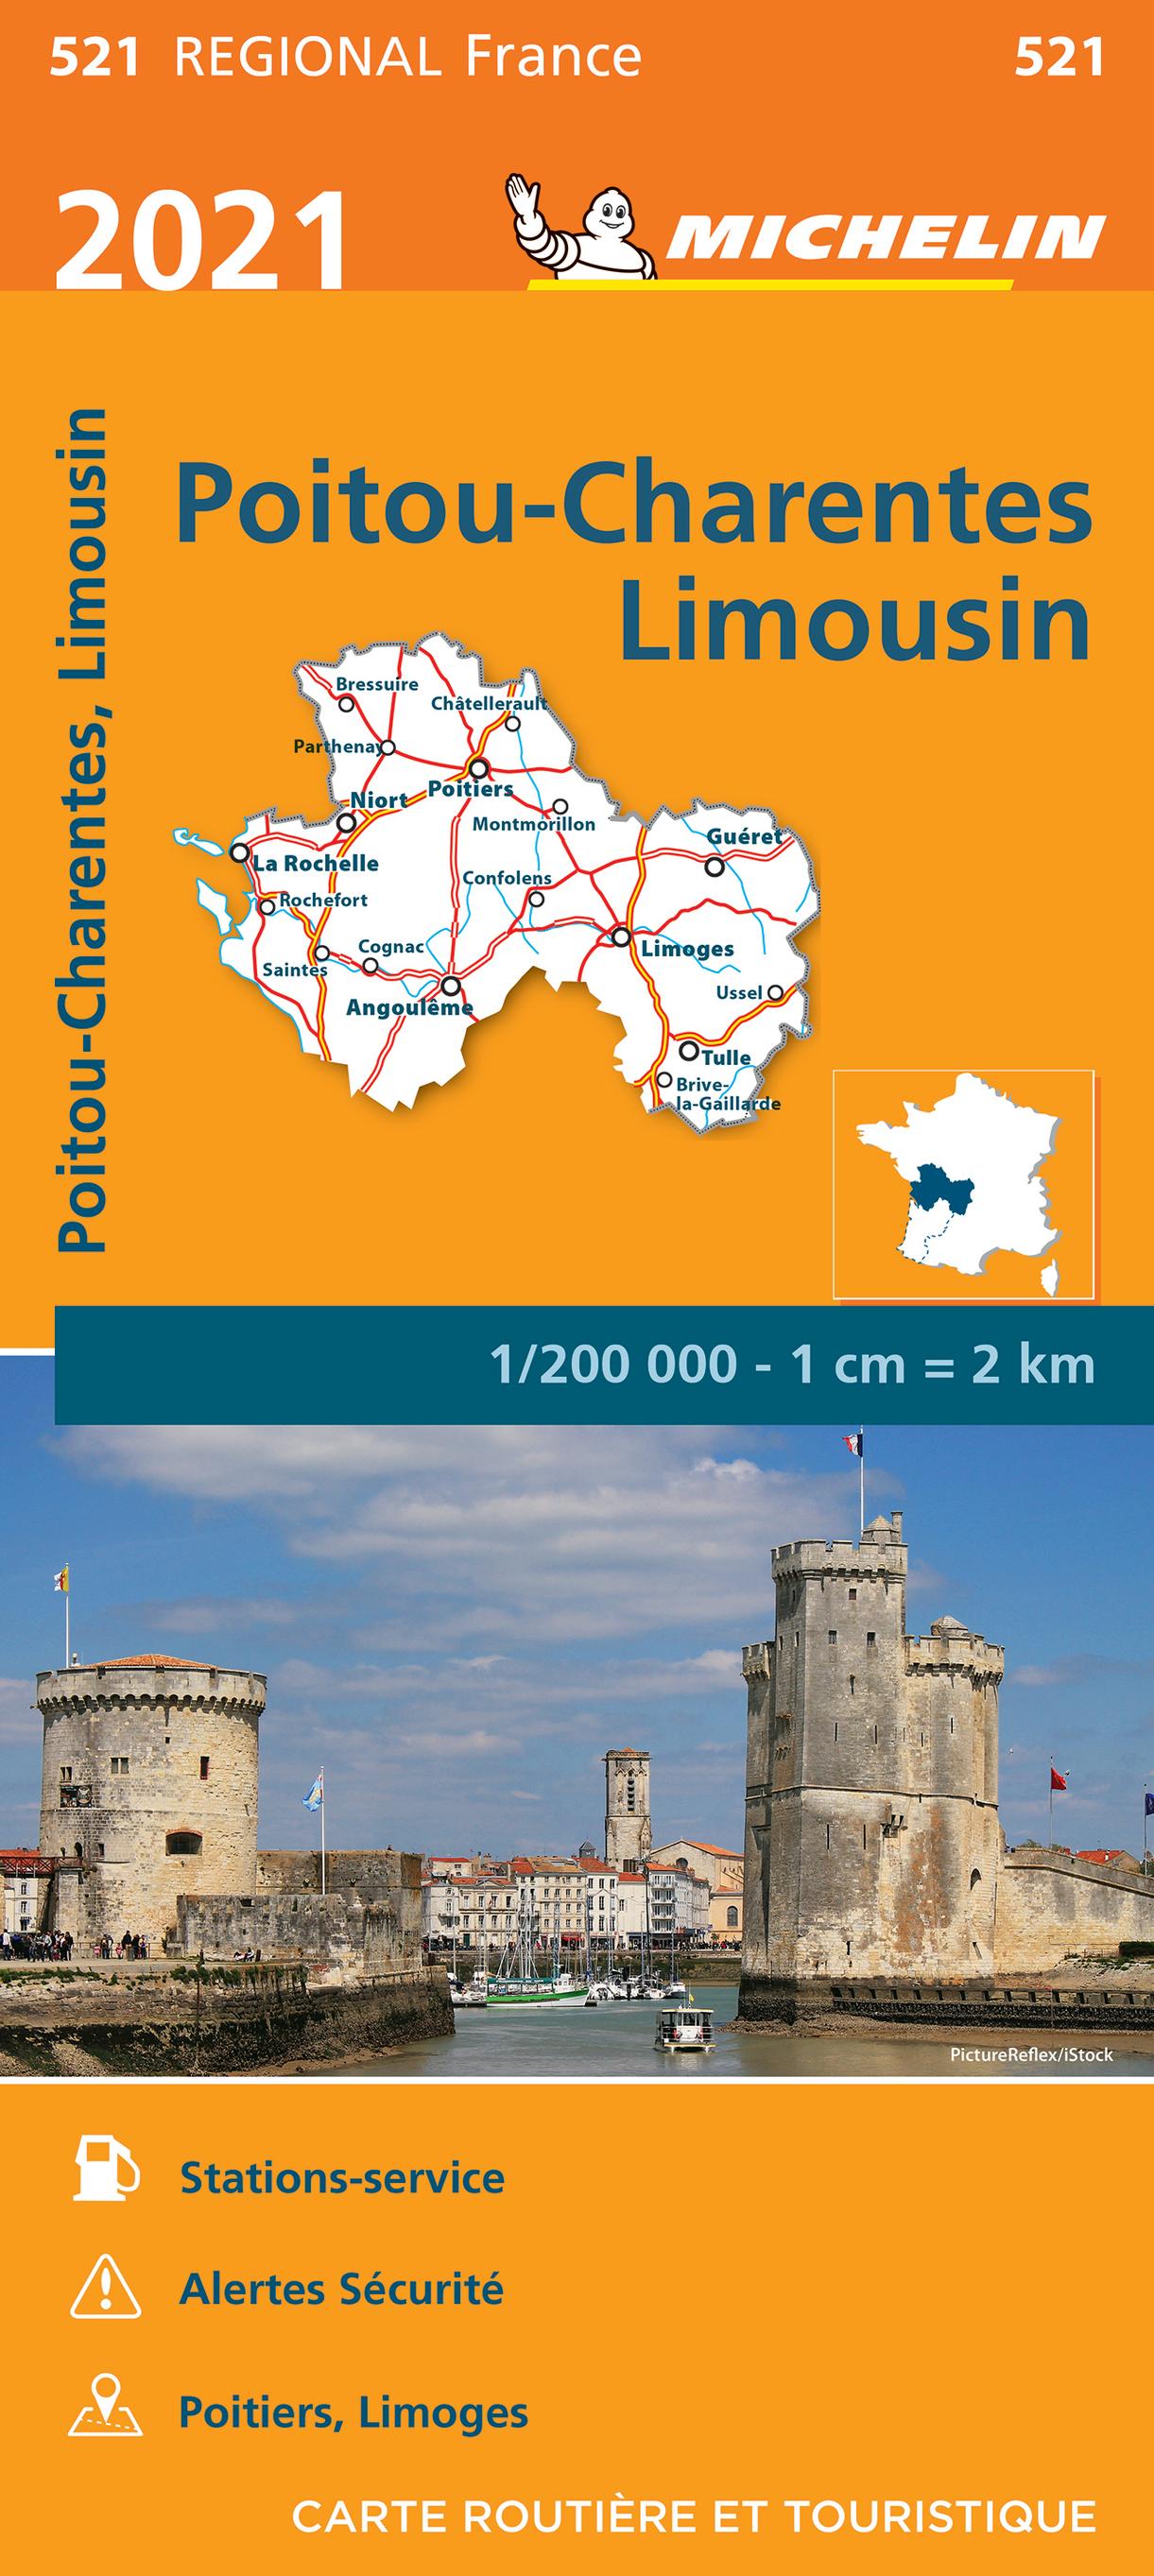 521 Poitou-Charentes | Michelin  wegenkaart, autokaart 1:200.000 9782067249745  Michelin Regionale kaarten  Landkaarten en wegenkaarten Vendée, Charente